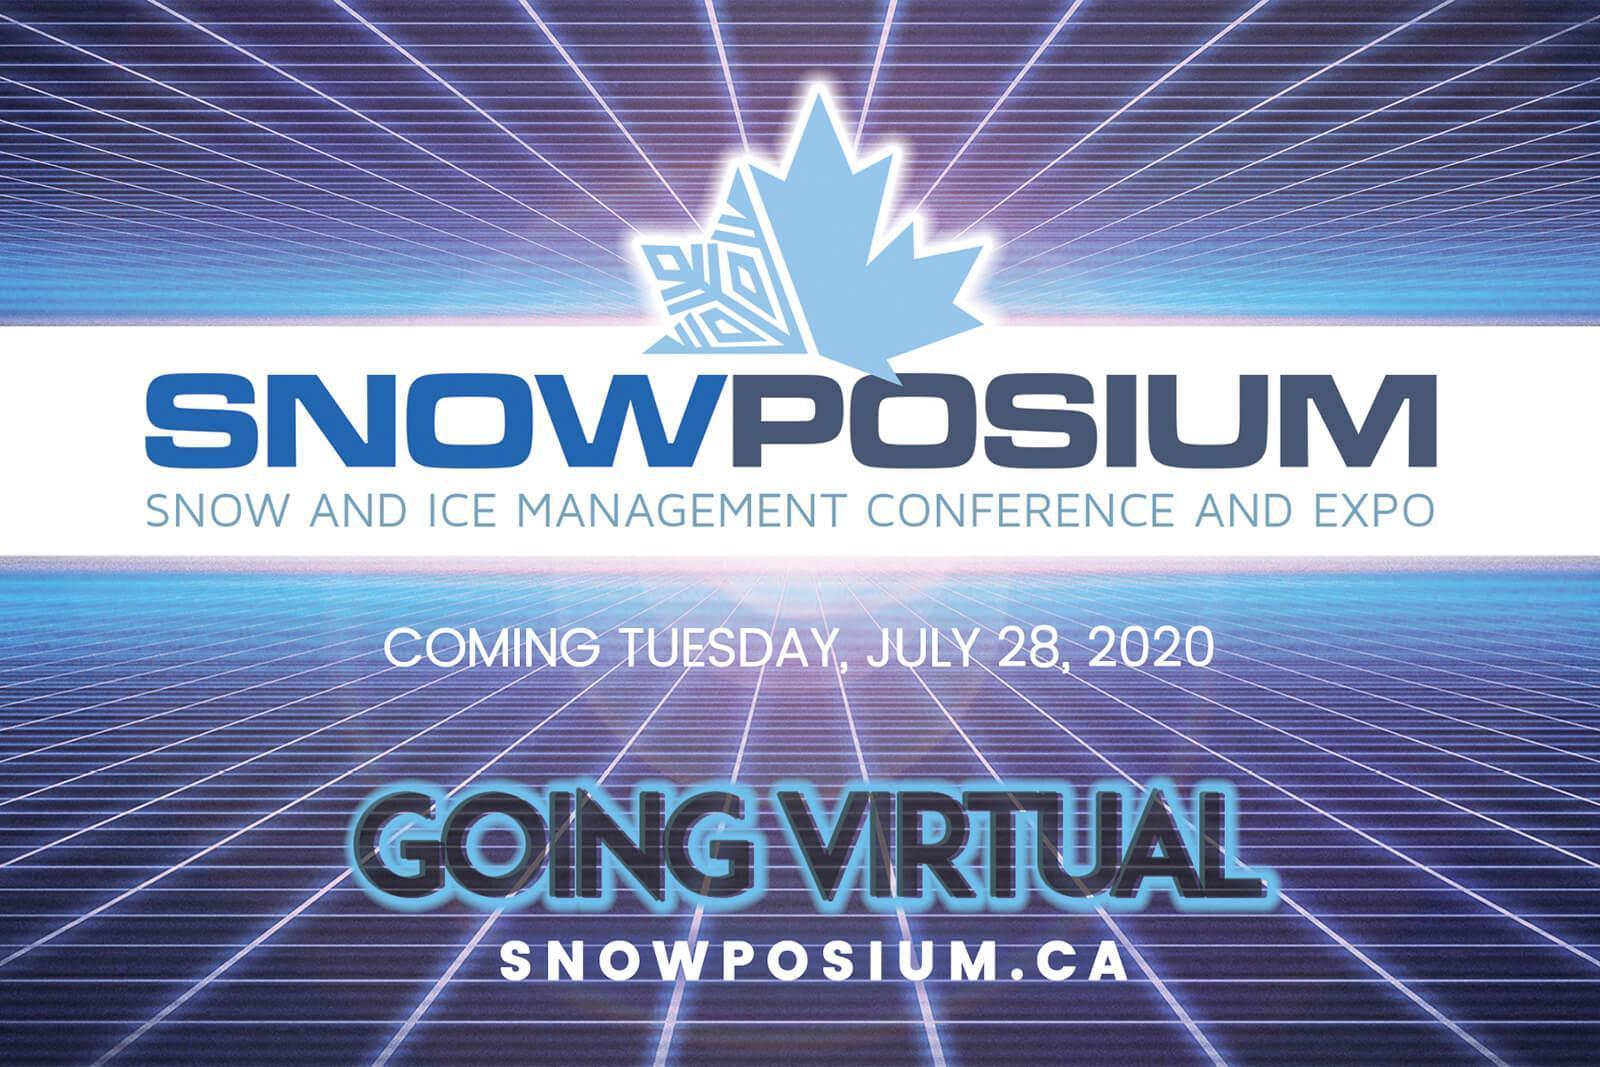 Snowposium 2020